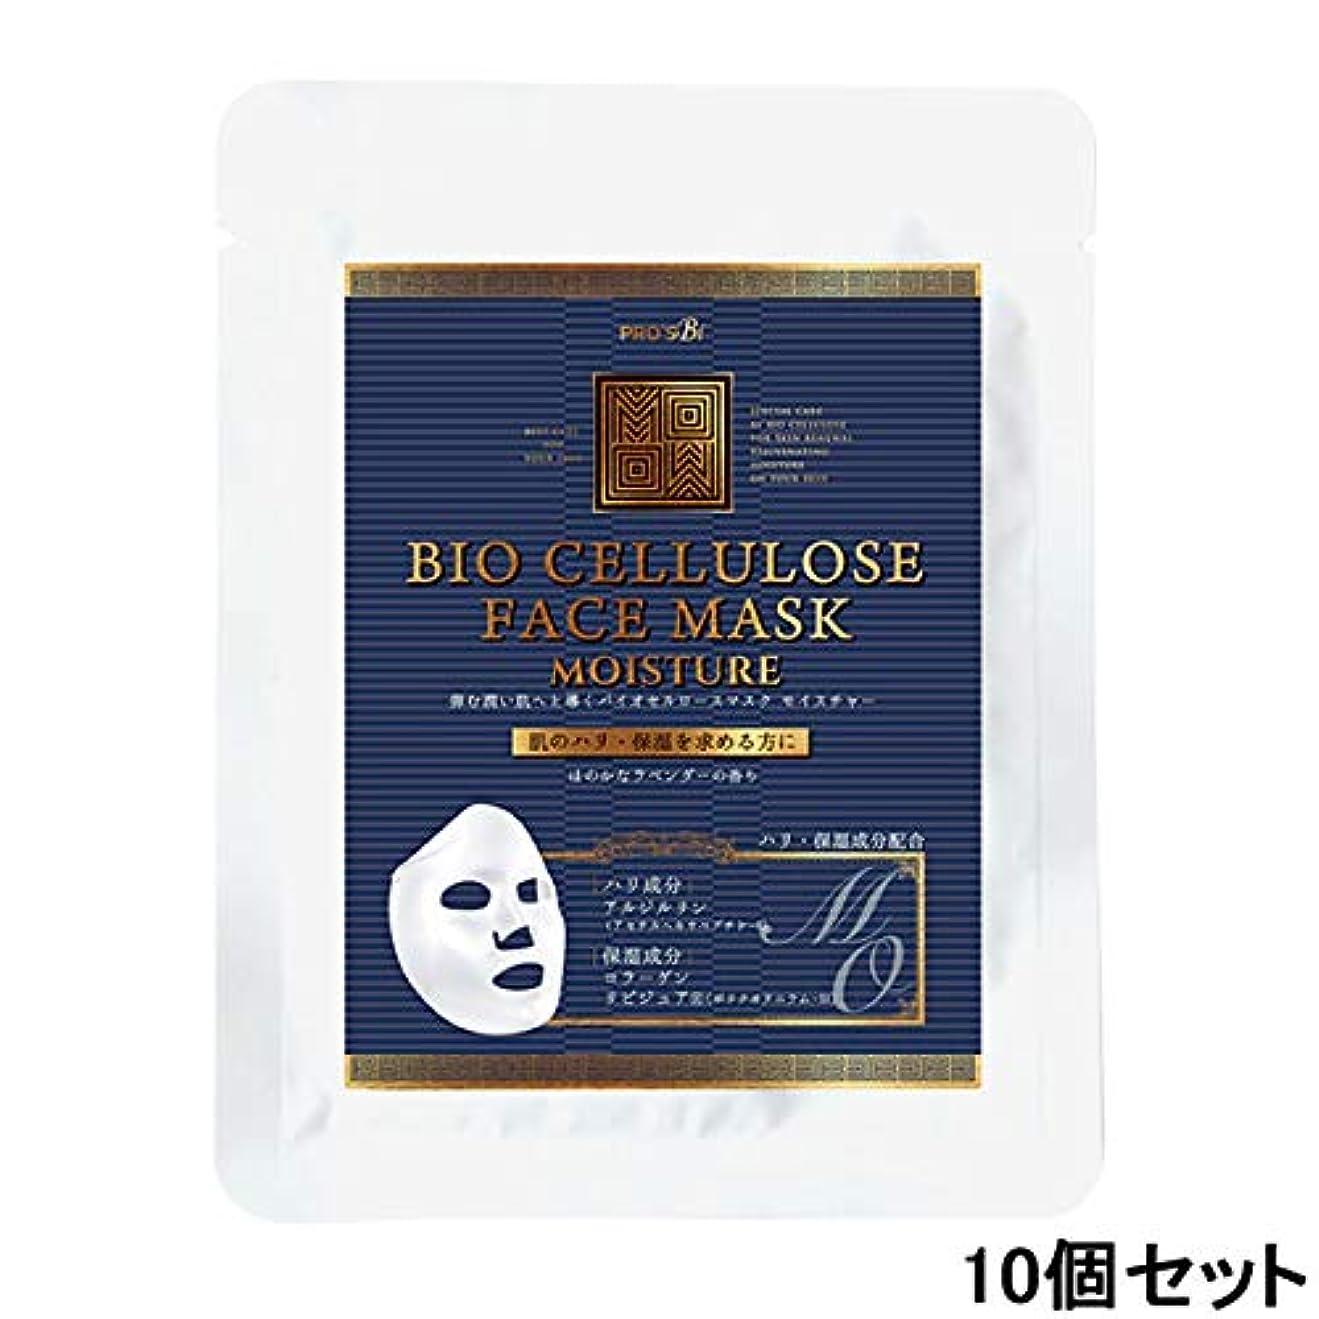 説明的呼吸しゃがむプロズビ バイオセルロースマスク モイスチャー (10個セット) [ フェイスマスク フェイスシート フェイスパック フェイシャルマスク シートマスク フェイシャルシート フェイシャルパック ローションマスク ローションパック...